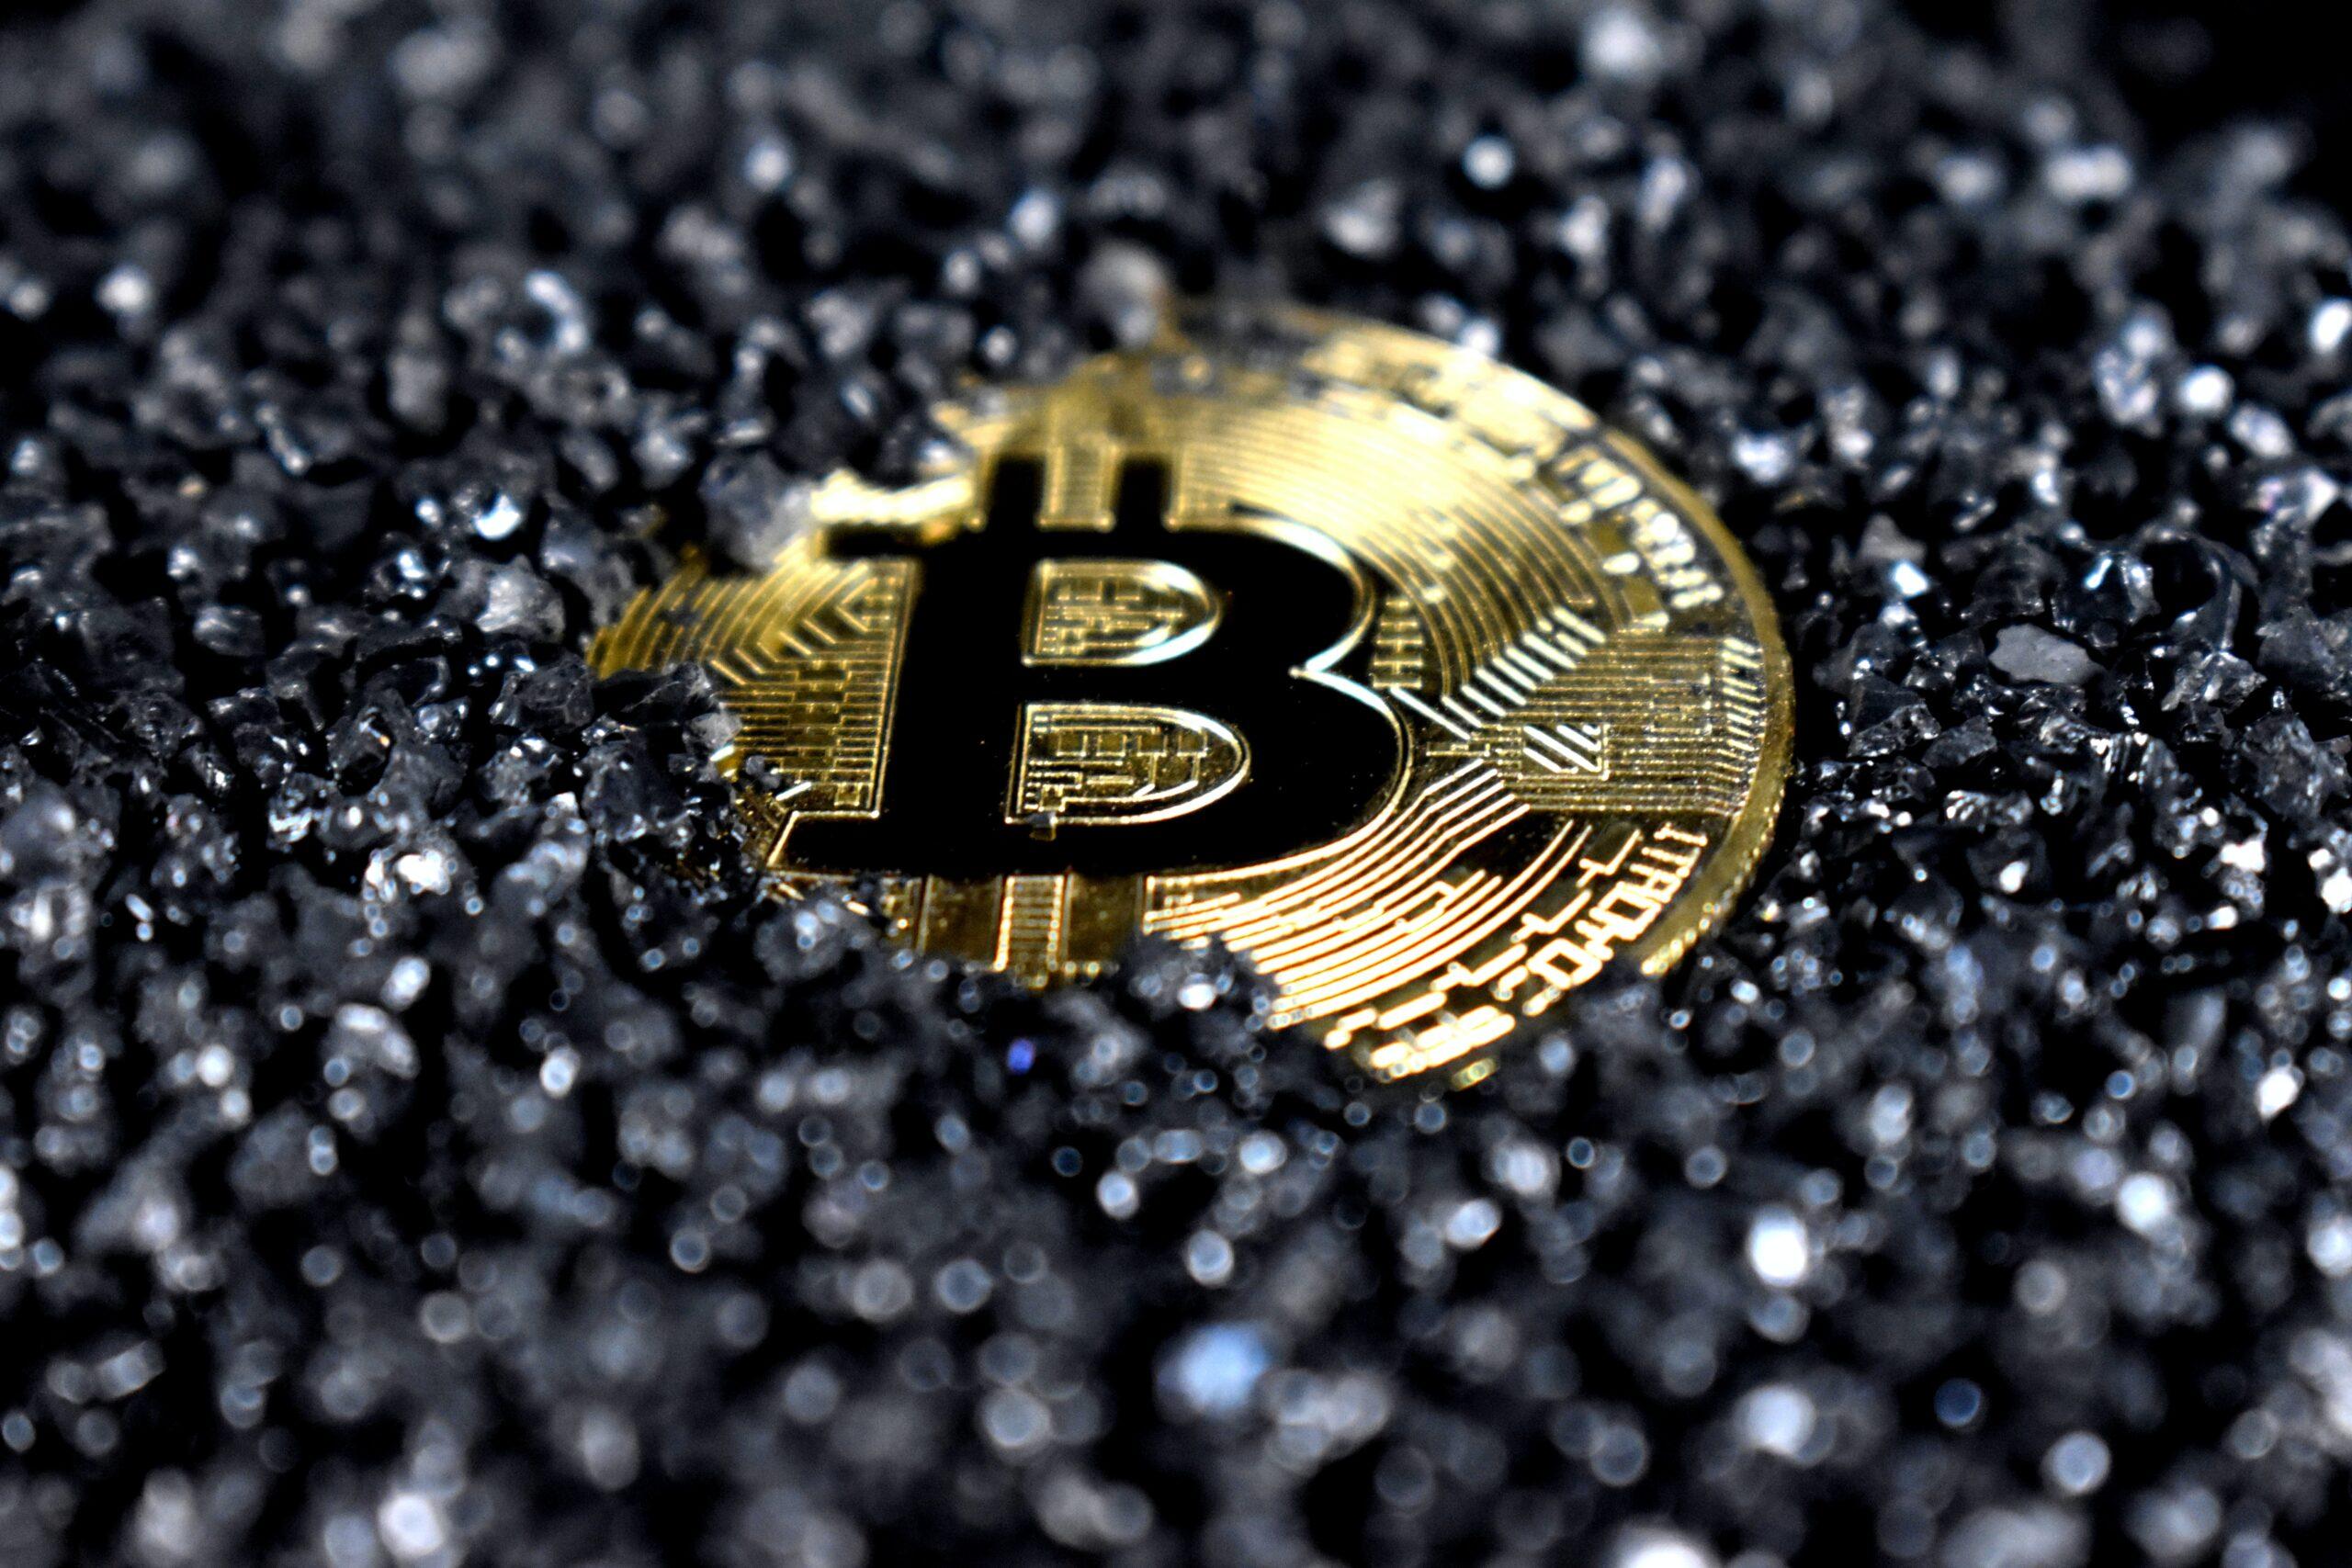 中国が仮想通貨を全面禁止!理由は「資金流出」と「デジタル人民元」